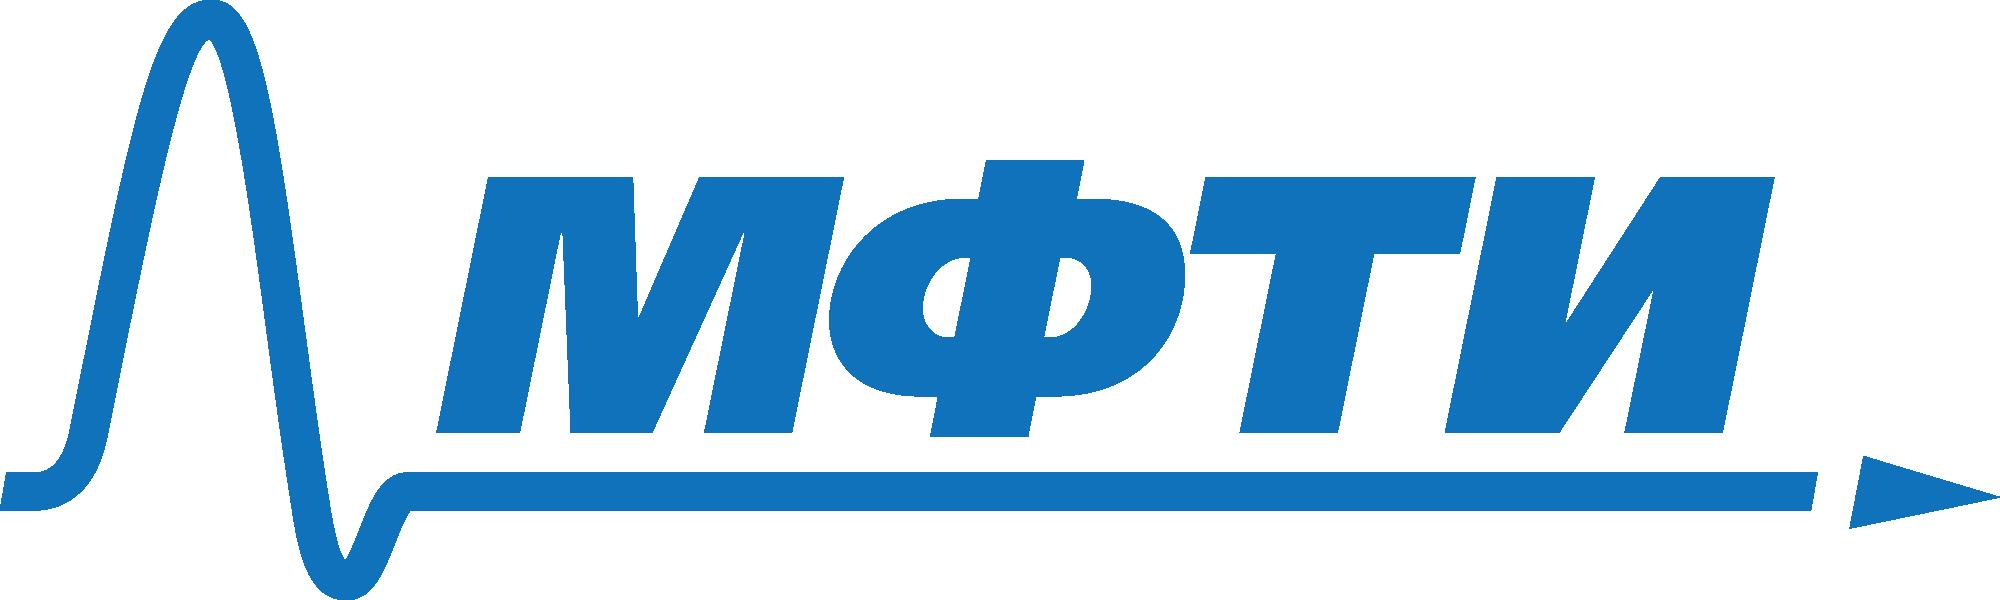 логотип Национального исследовательского университет МФТИ